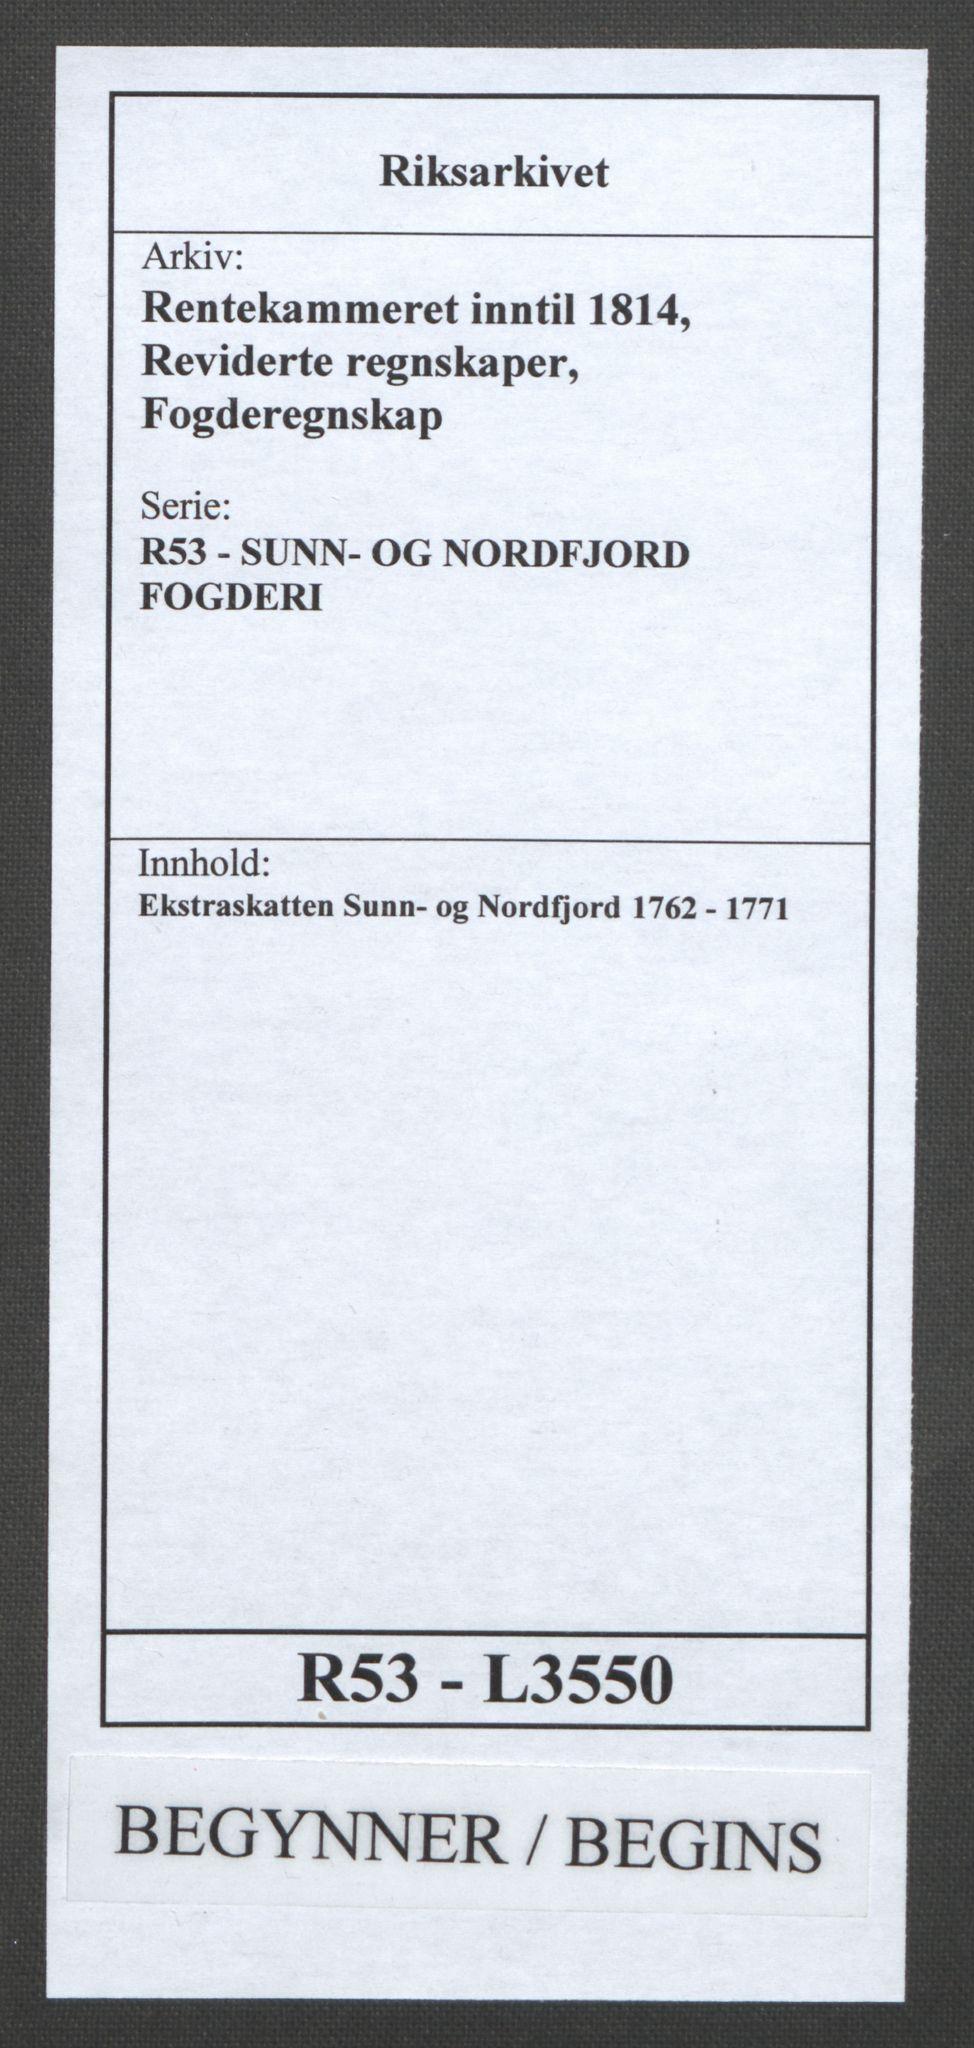 RA, Rentekammeret inntil 1814, Reviderte regnskaper, Fogderegnskap, R53/L3550: Ekstraskatten Sunn- og Nordfjord, 1762-1771, s. 1